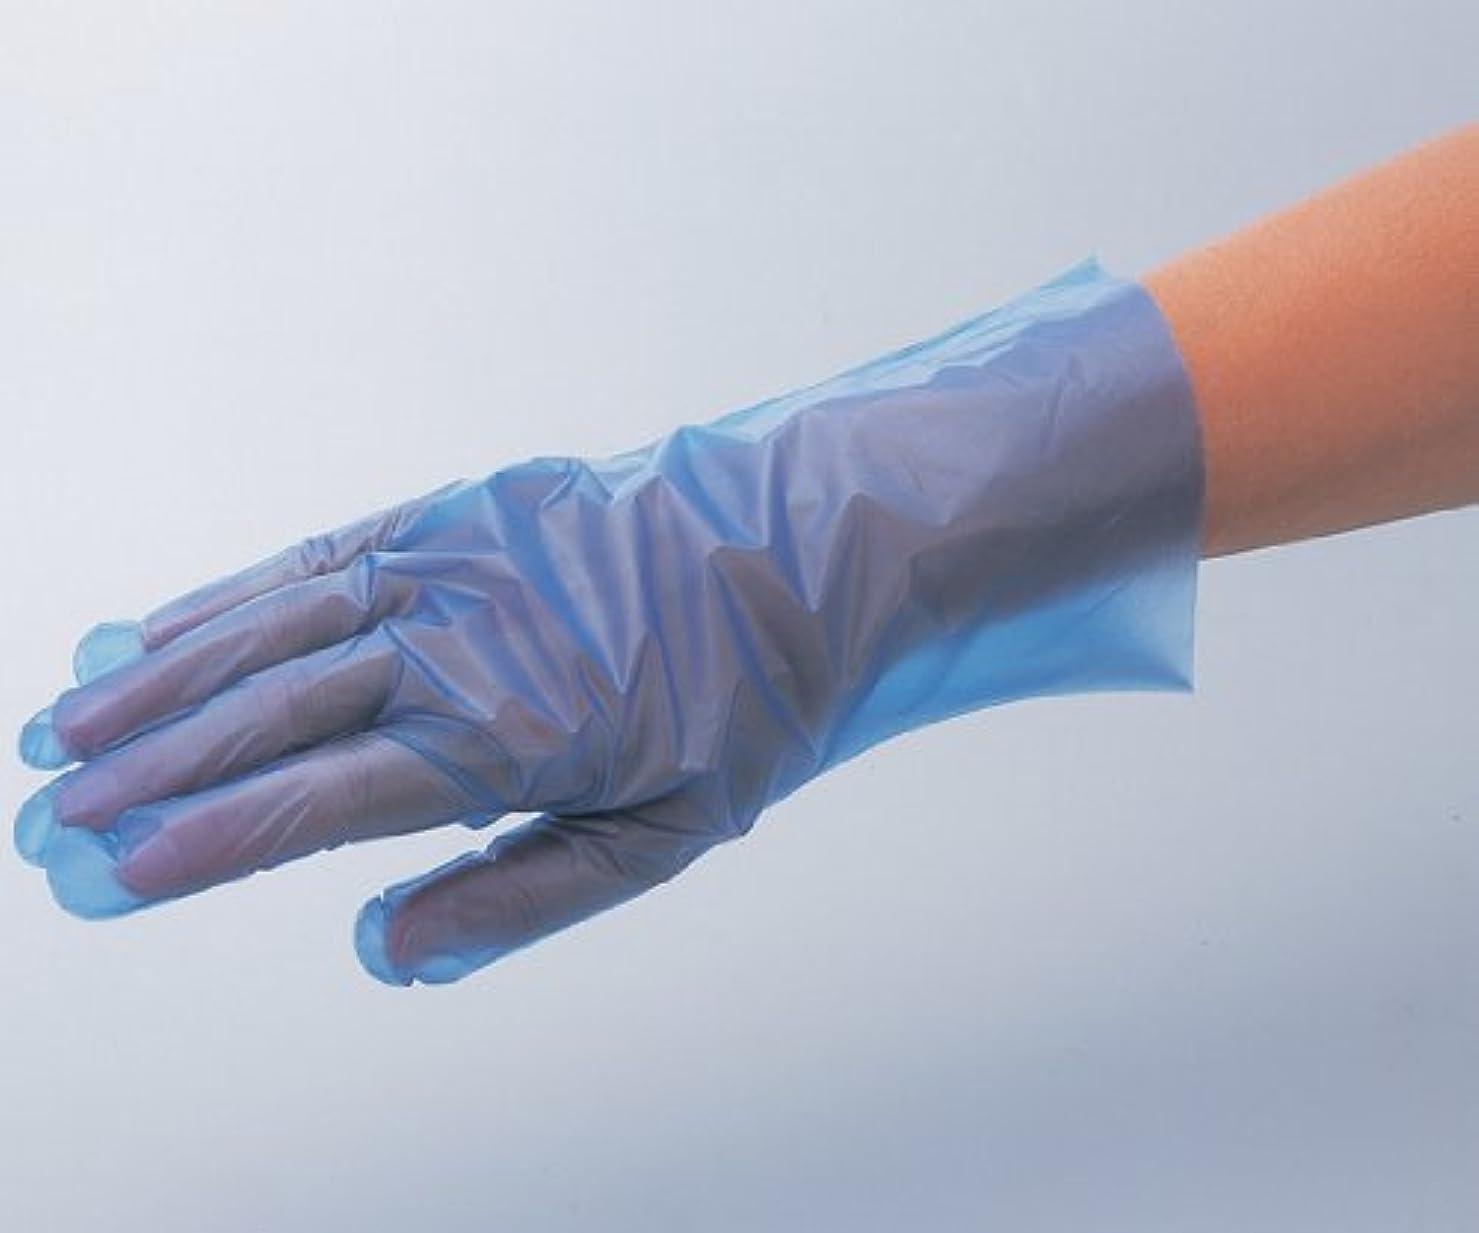 使い込むトピック社会主義者アズワン6-9730-56サニーノール手袋エコロジーケース販売6000枚入Sブルー